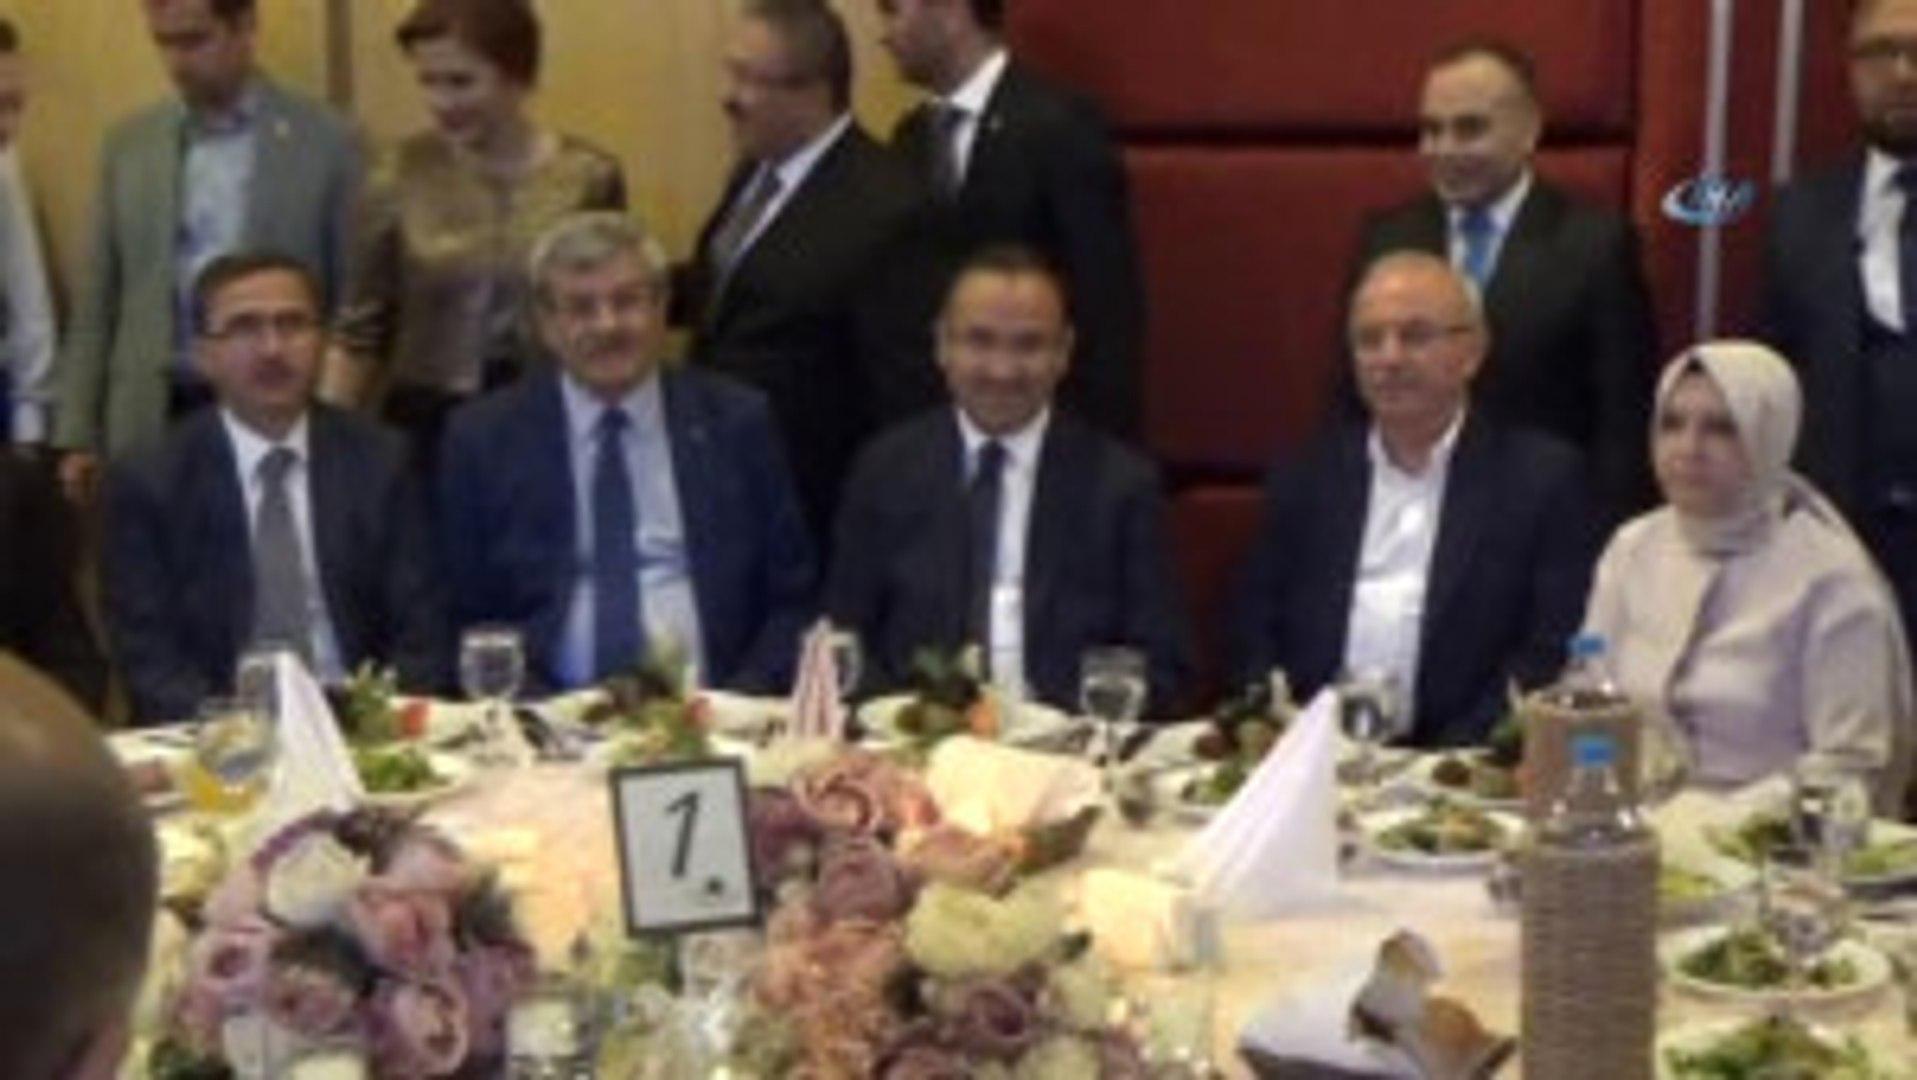 HSYK Başkan Vekili Mehmet Yılmaz'ın Oğlu Bolu'da Dünya Evine Girdi